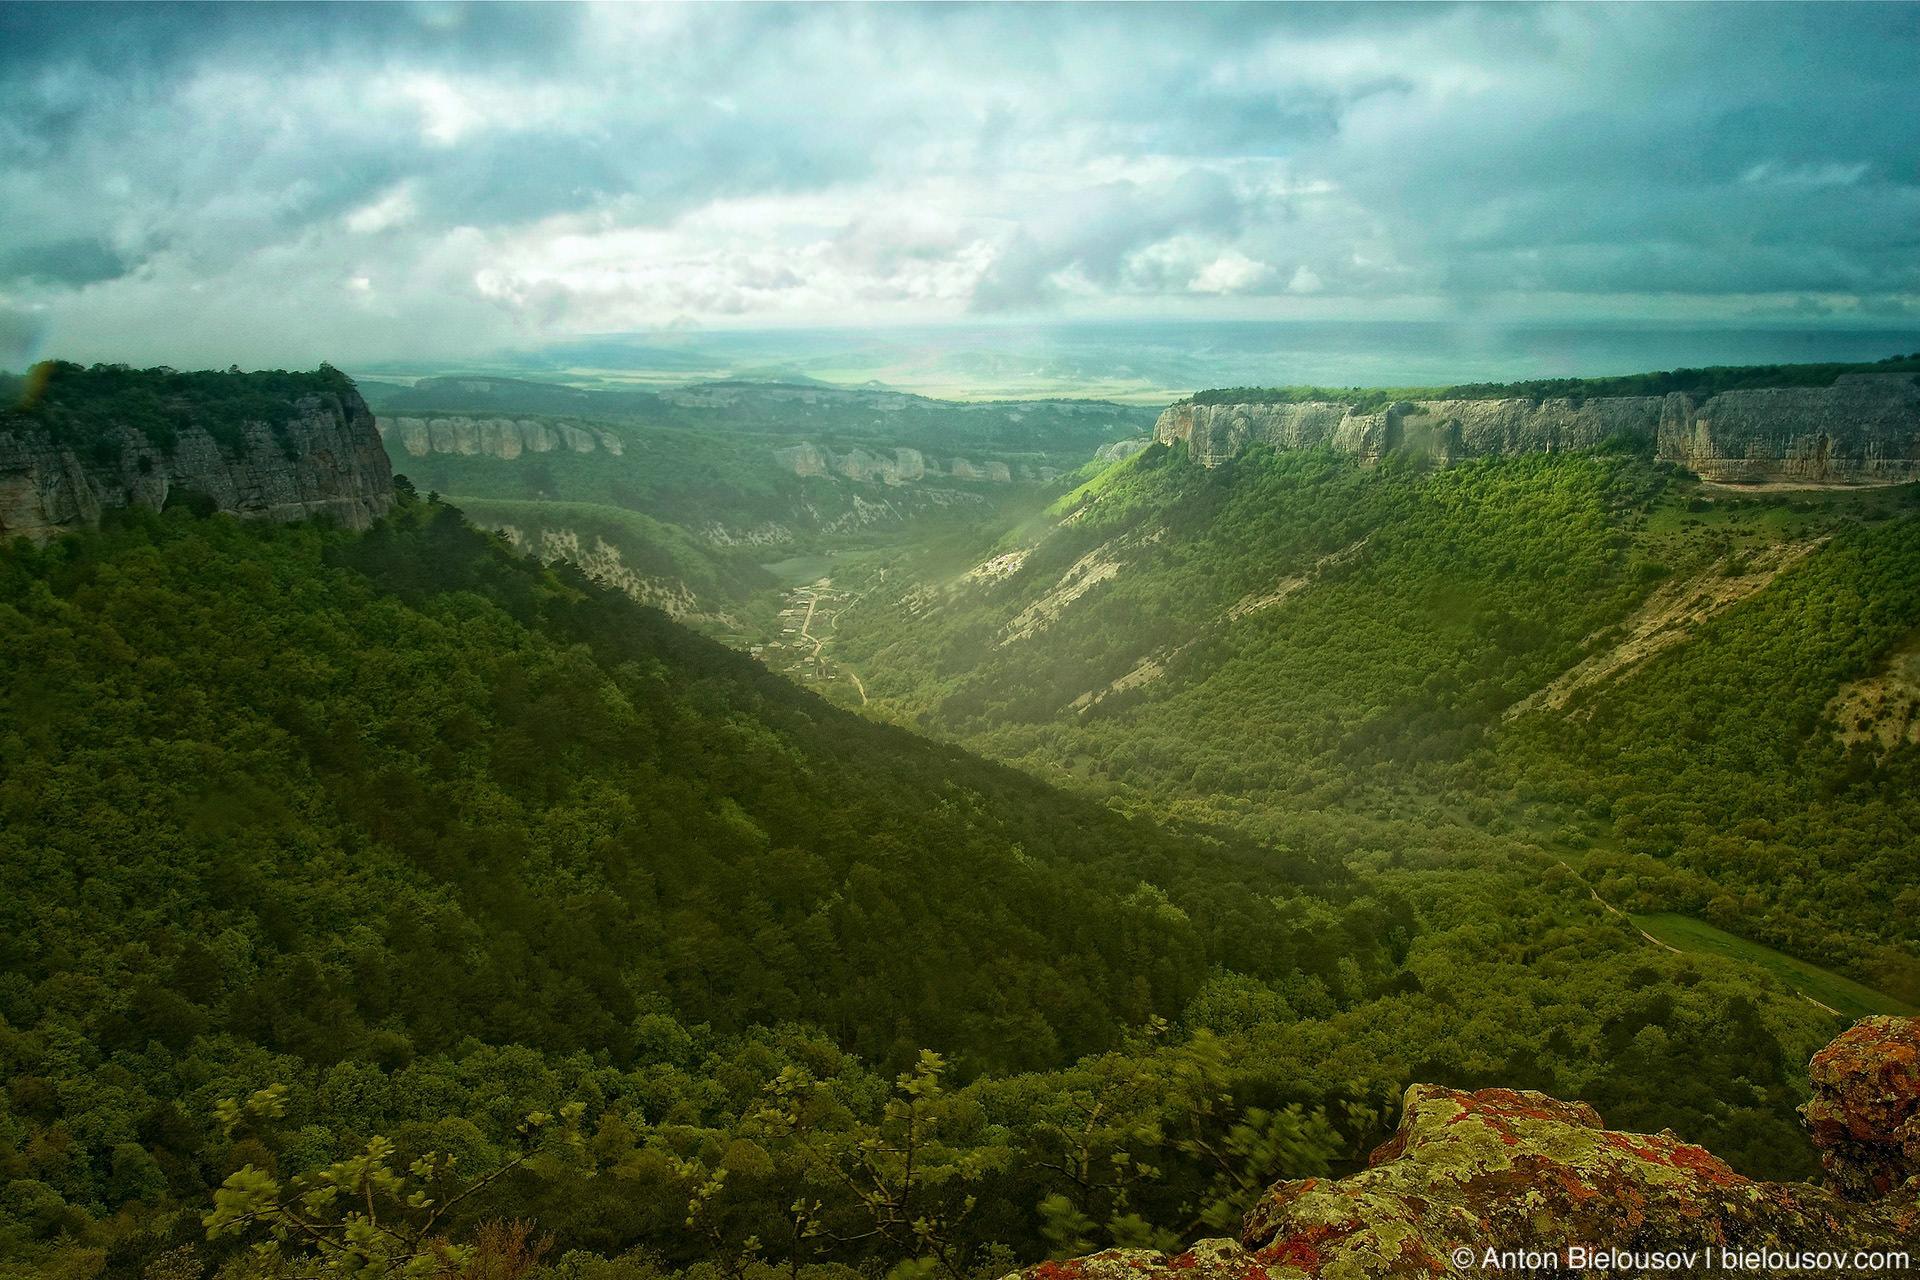 Вид с вершины горы Мангуп-Кале в Крыму. Высота — 583 м.